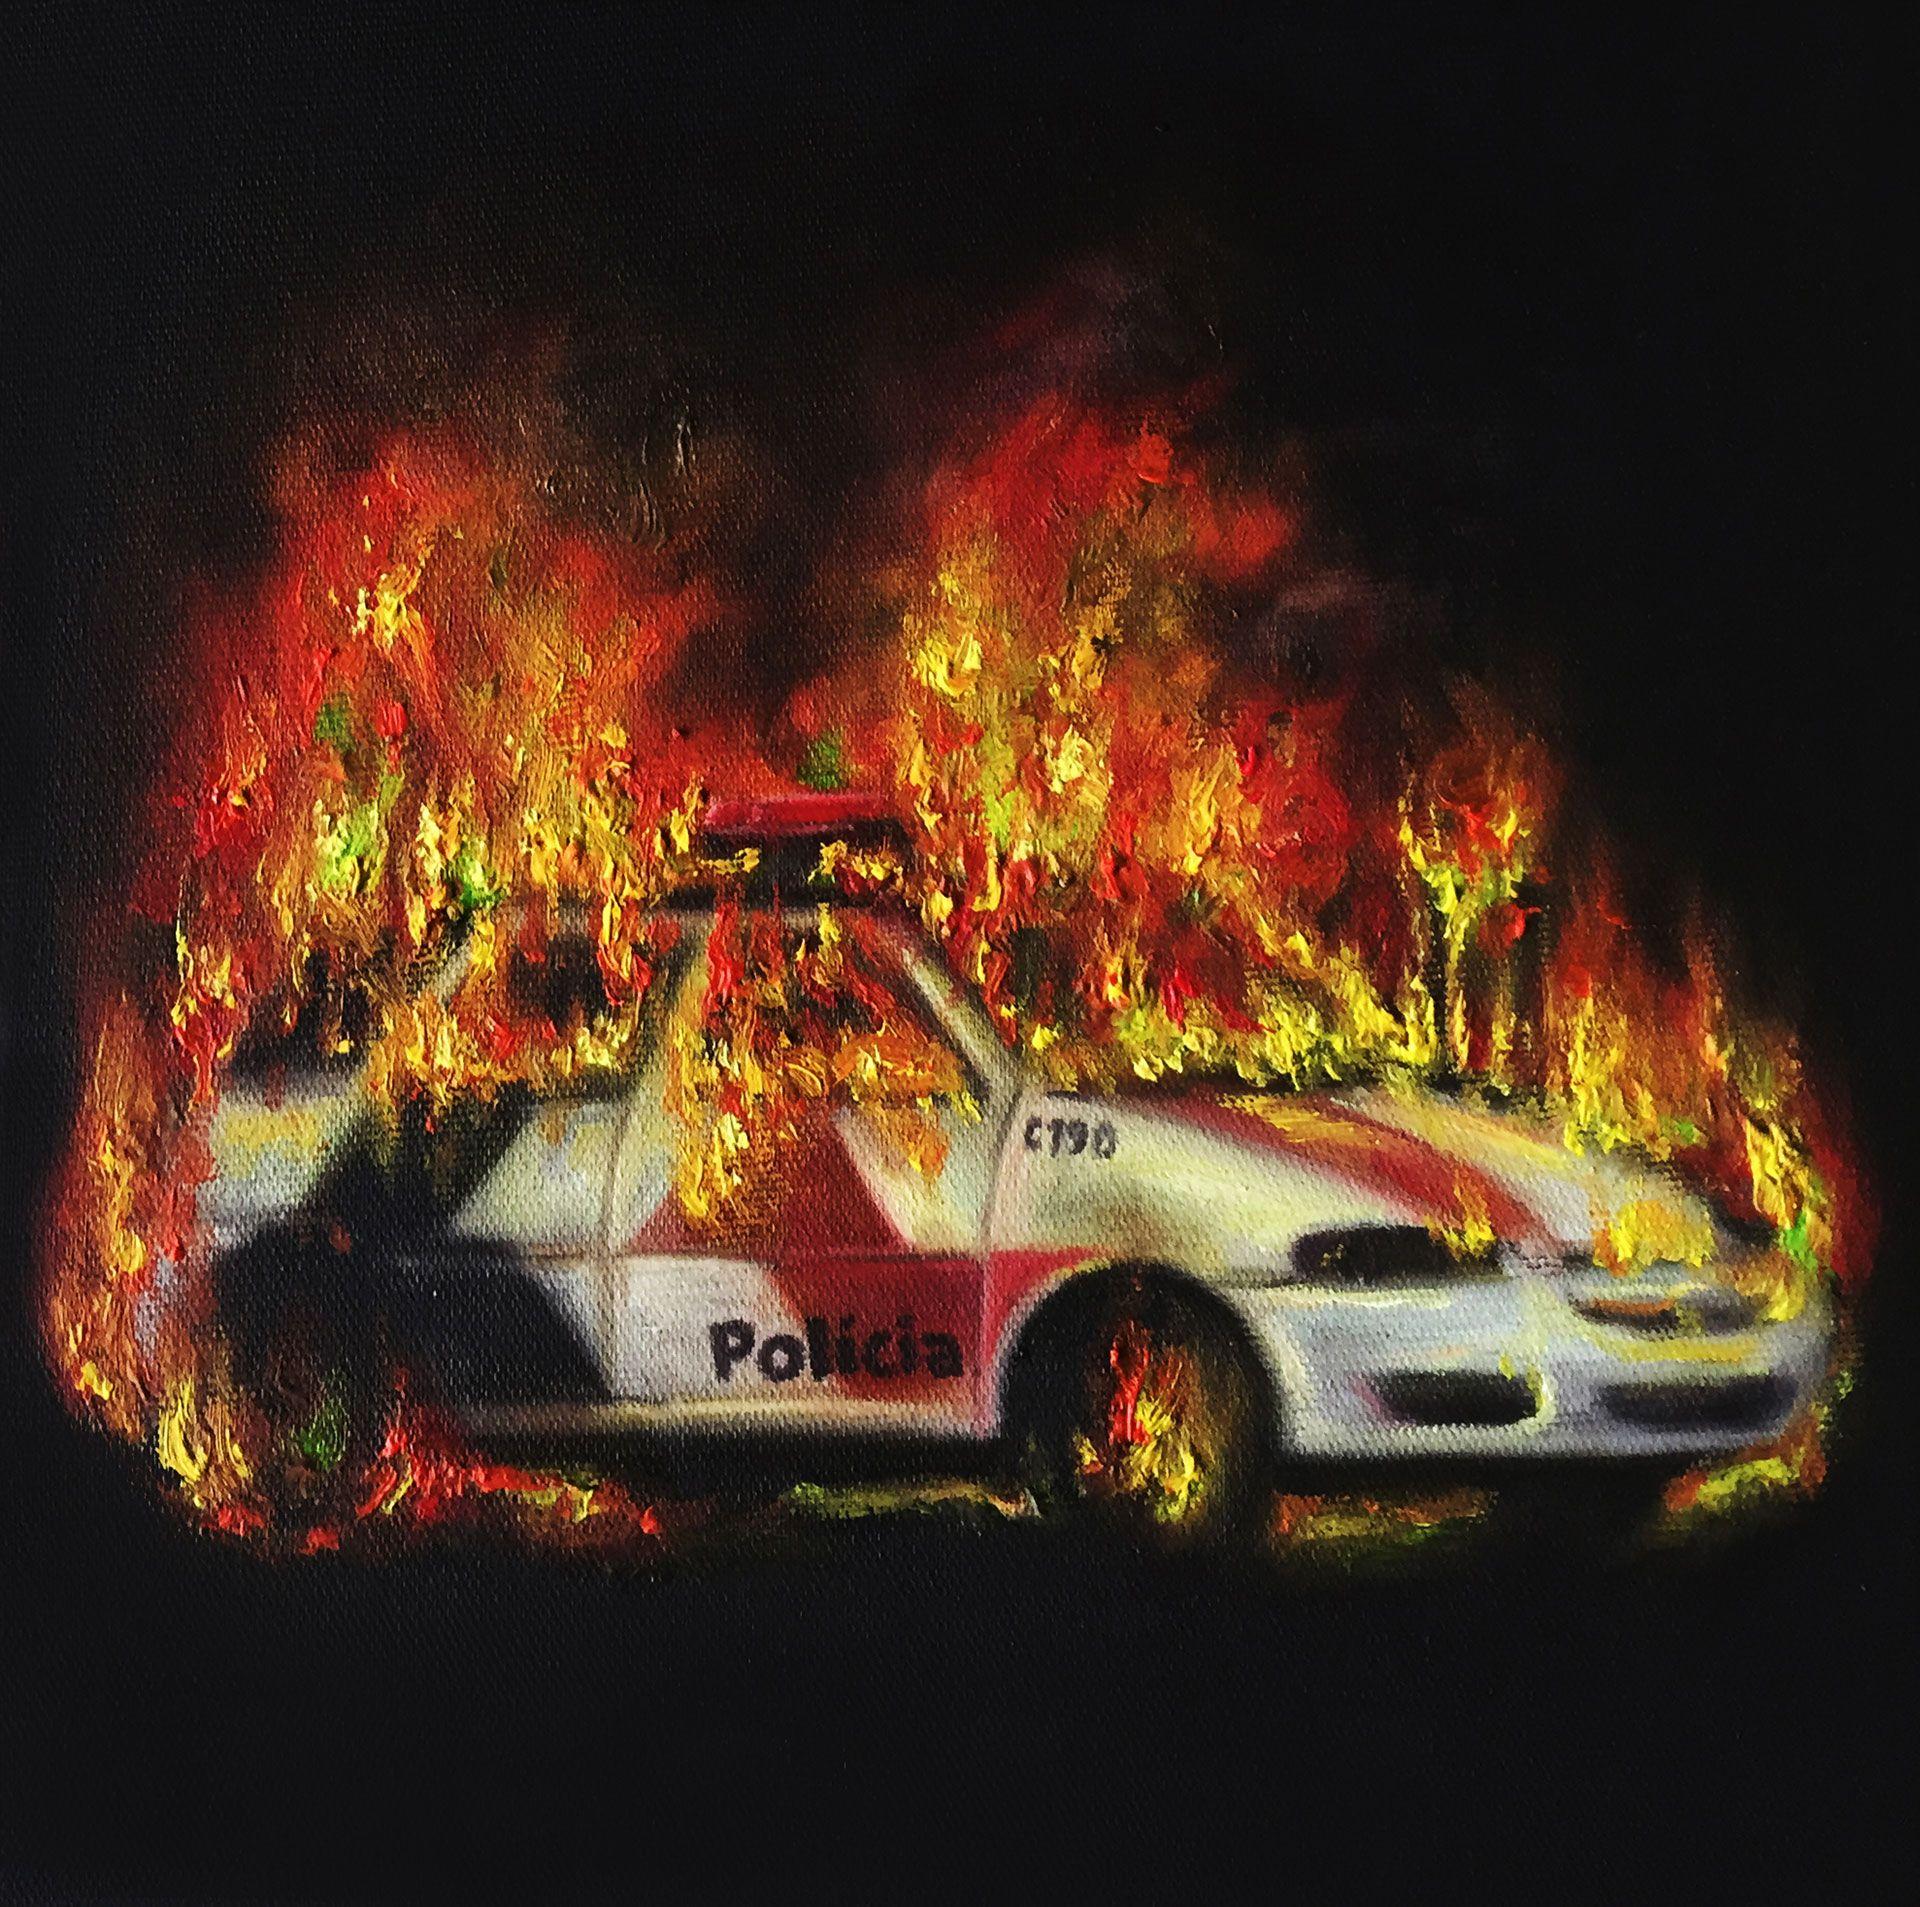 """A pintura mostra a imagem de um carro policial incendiado, sobre fundo preto a luz emana do fogo, o carro é de cor branca preta e vermelha, pode se ler a palavra """"Polícia"""" na porta do carro, a pintura faz alusão às manifestações e protestos populares em diversos lugares do mundo."""